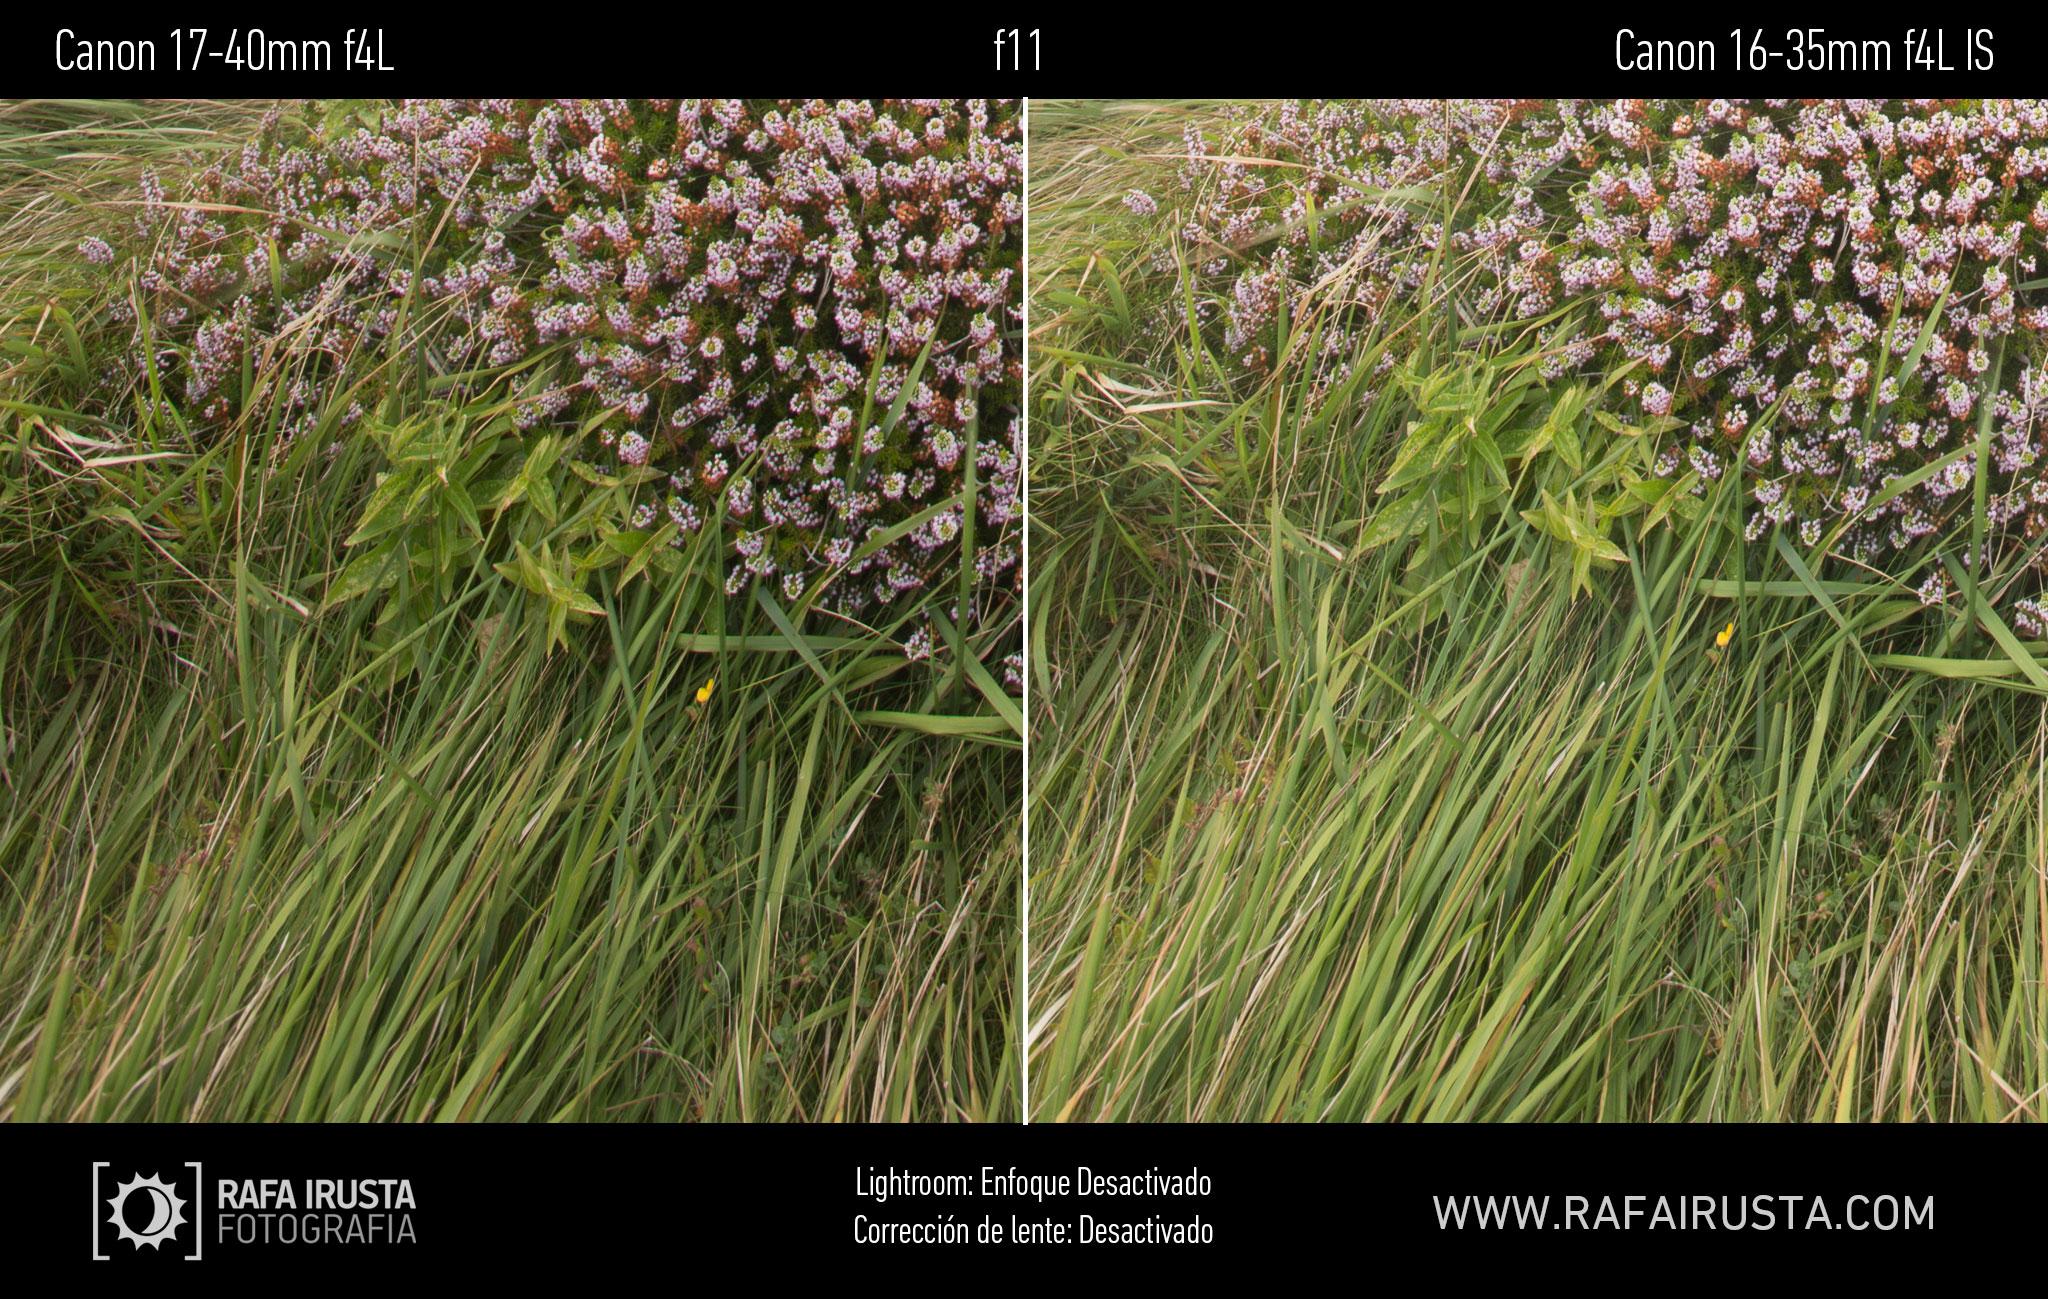 Prueba Canon 16-35mm f/4L IS, comparativa 17-40 vs 16-35 sin enfoque y sin ajuste de perfil, f11